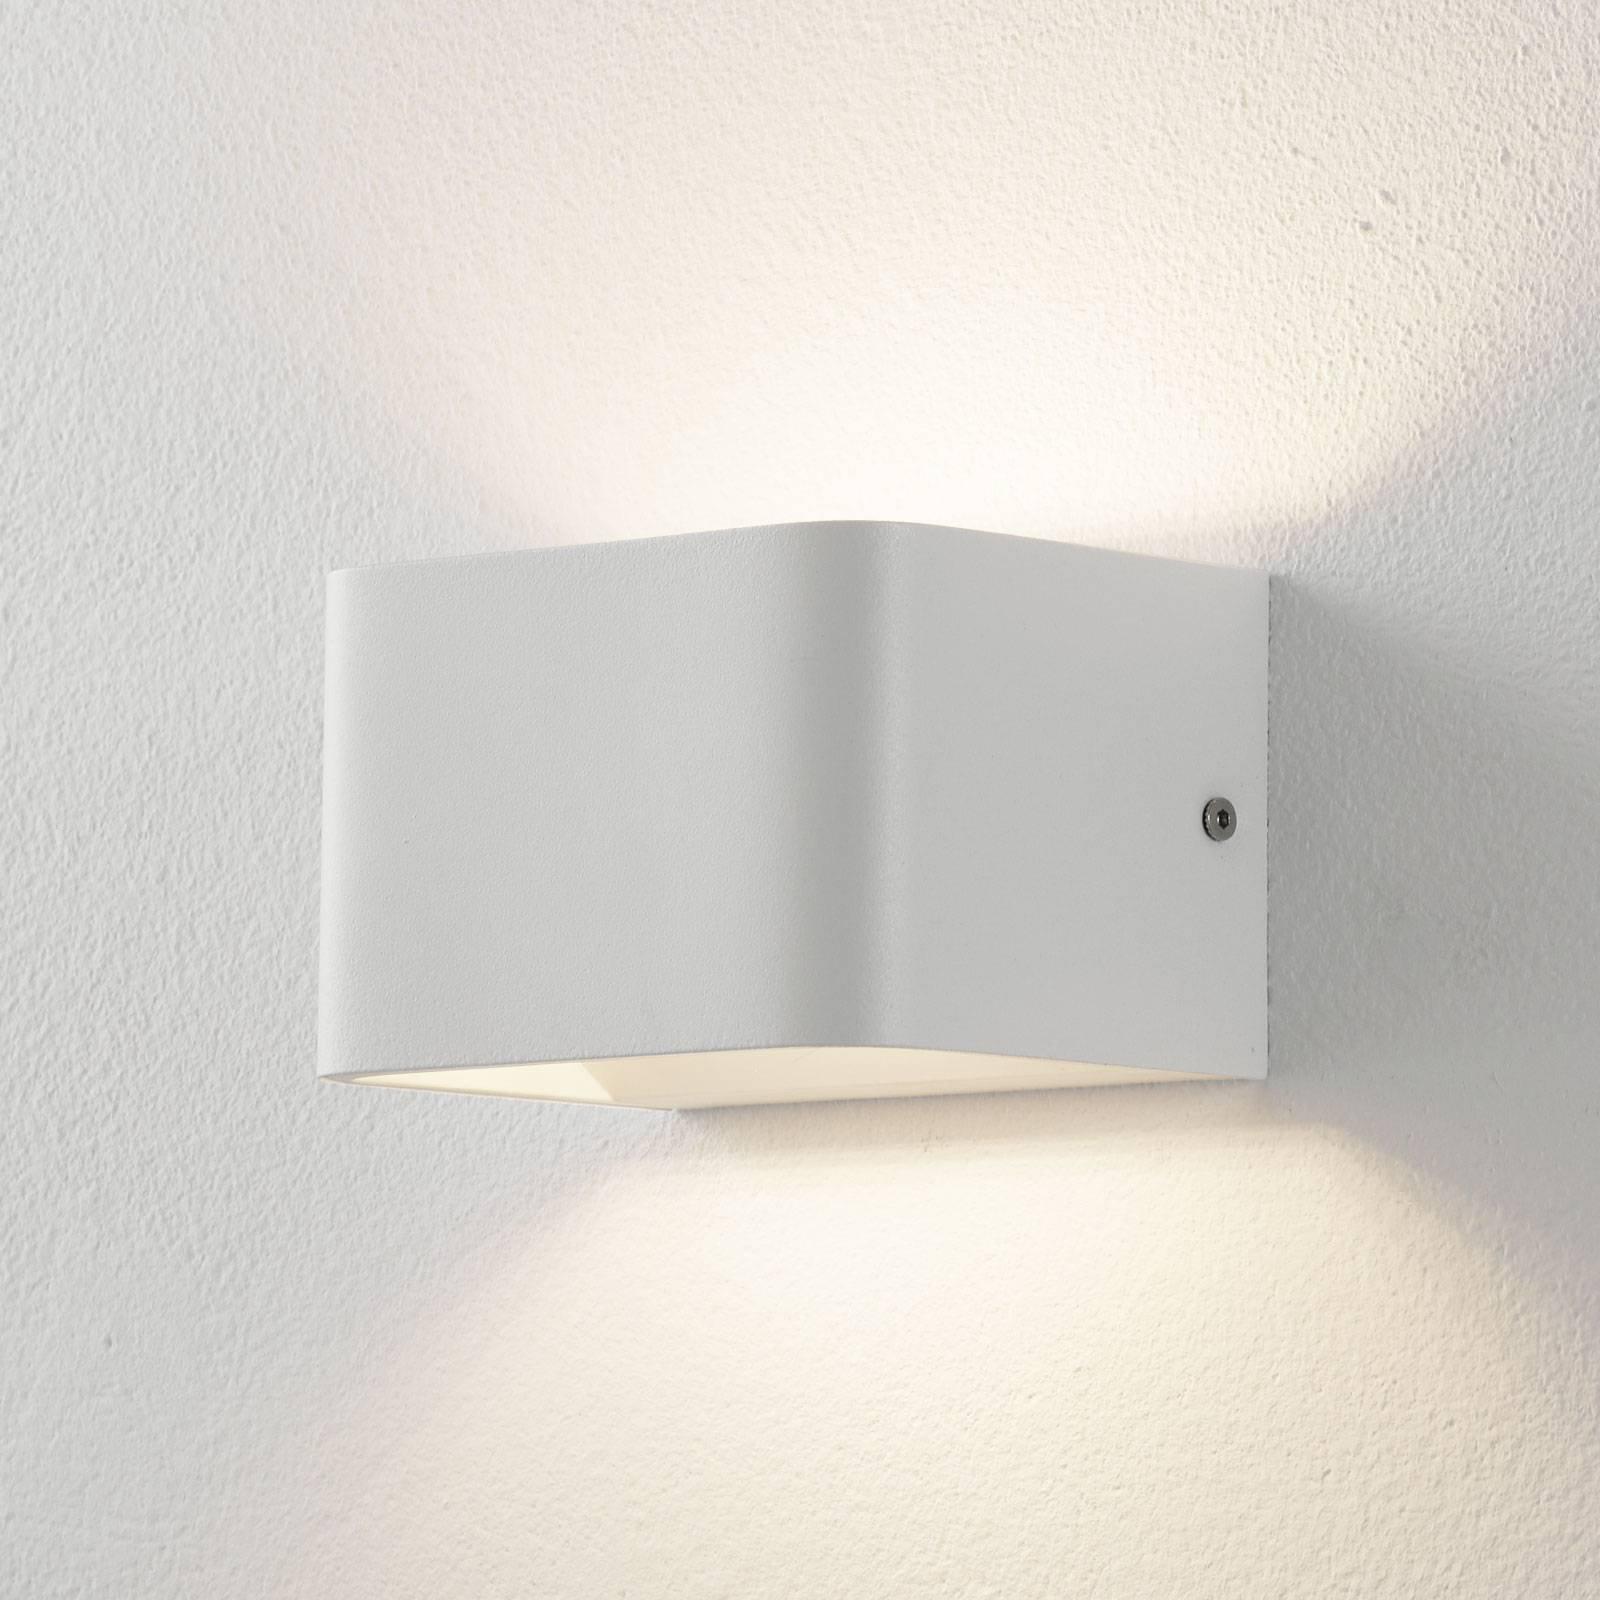 Lucande Sessa LED-vegglampe 13 cm hvit